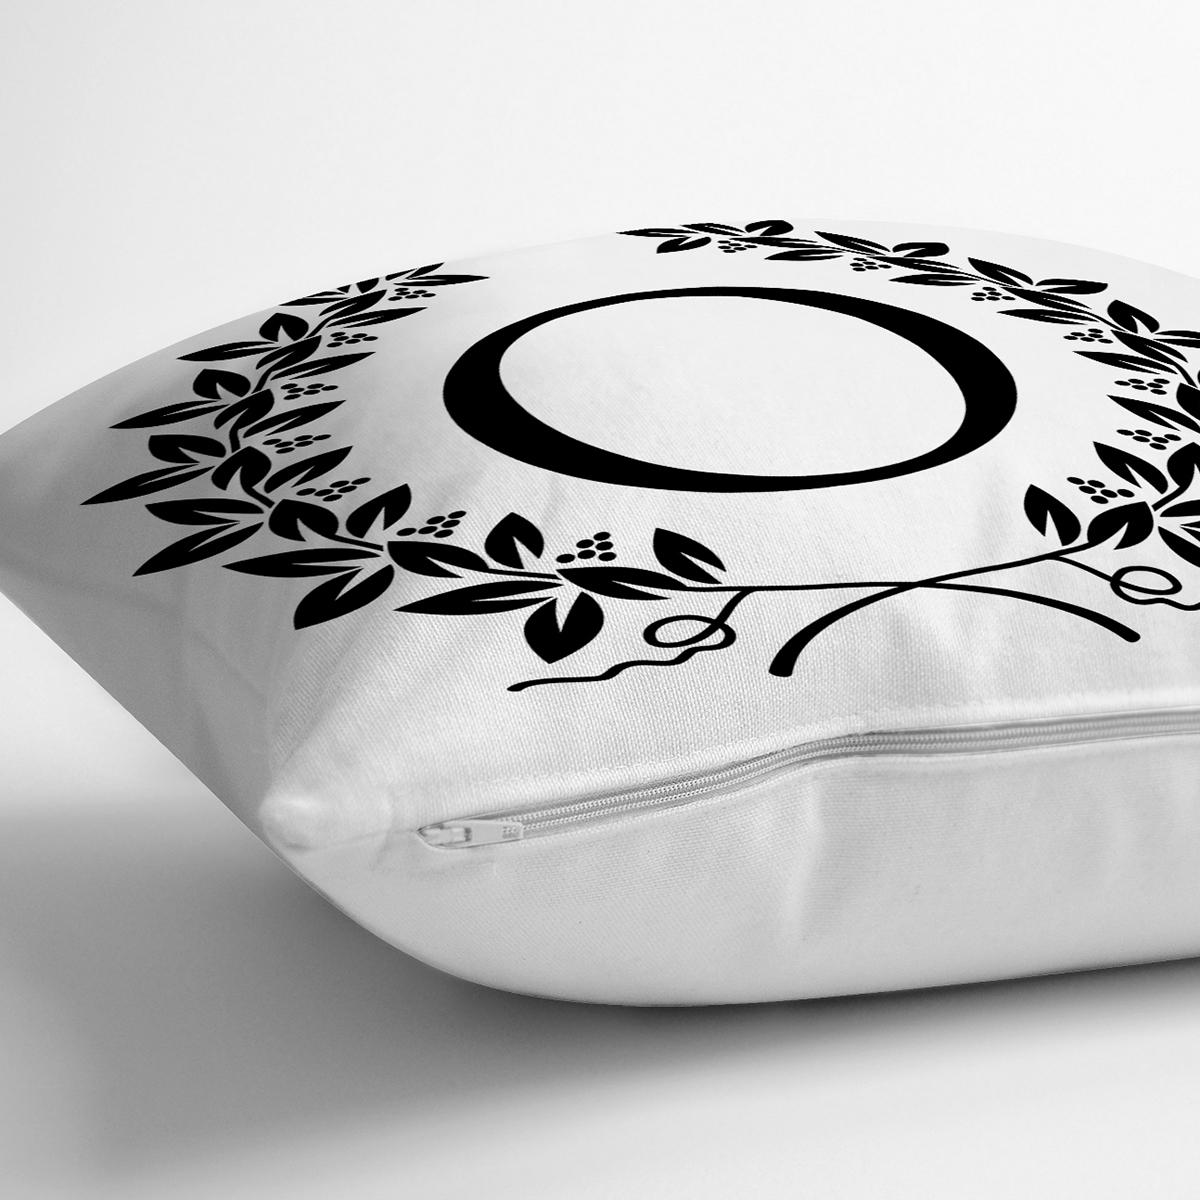 Siyah Beyaz Çelenkli O Harfi Özel Tasarım Dijital Baskılı Yastık Kırlent Kılıfı Realhomes